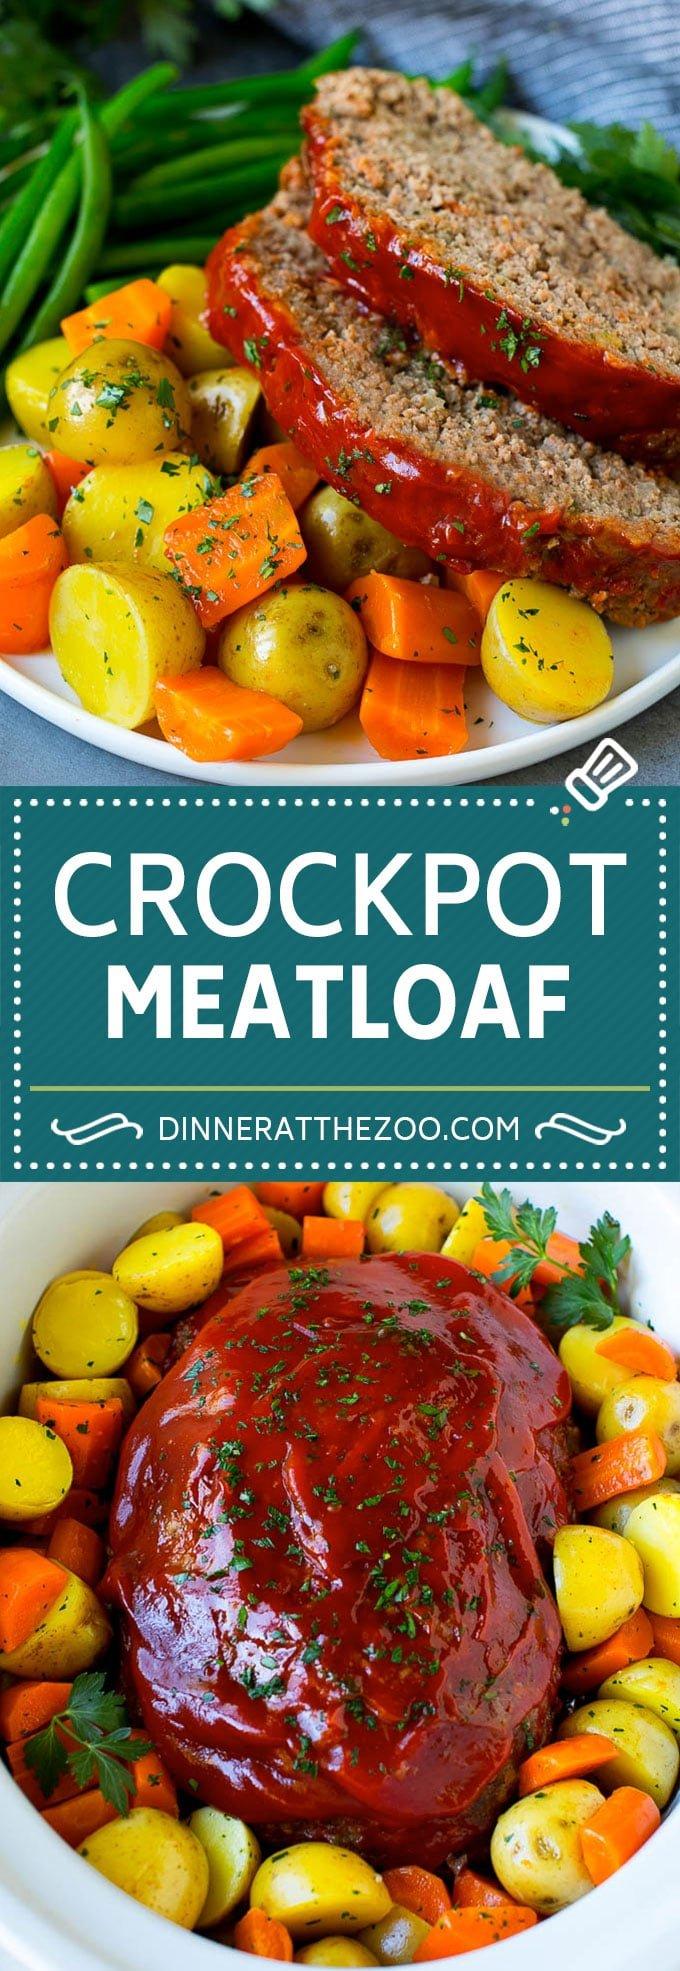 Crockpot Meatloaf Recipe | Slow Cooker Meatloaf #meatloaf #beef #slowcooker #crockpot #dinner #dinneratthezoo